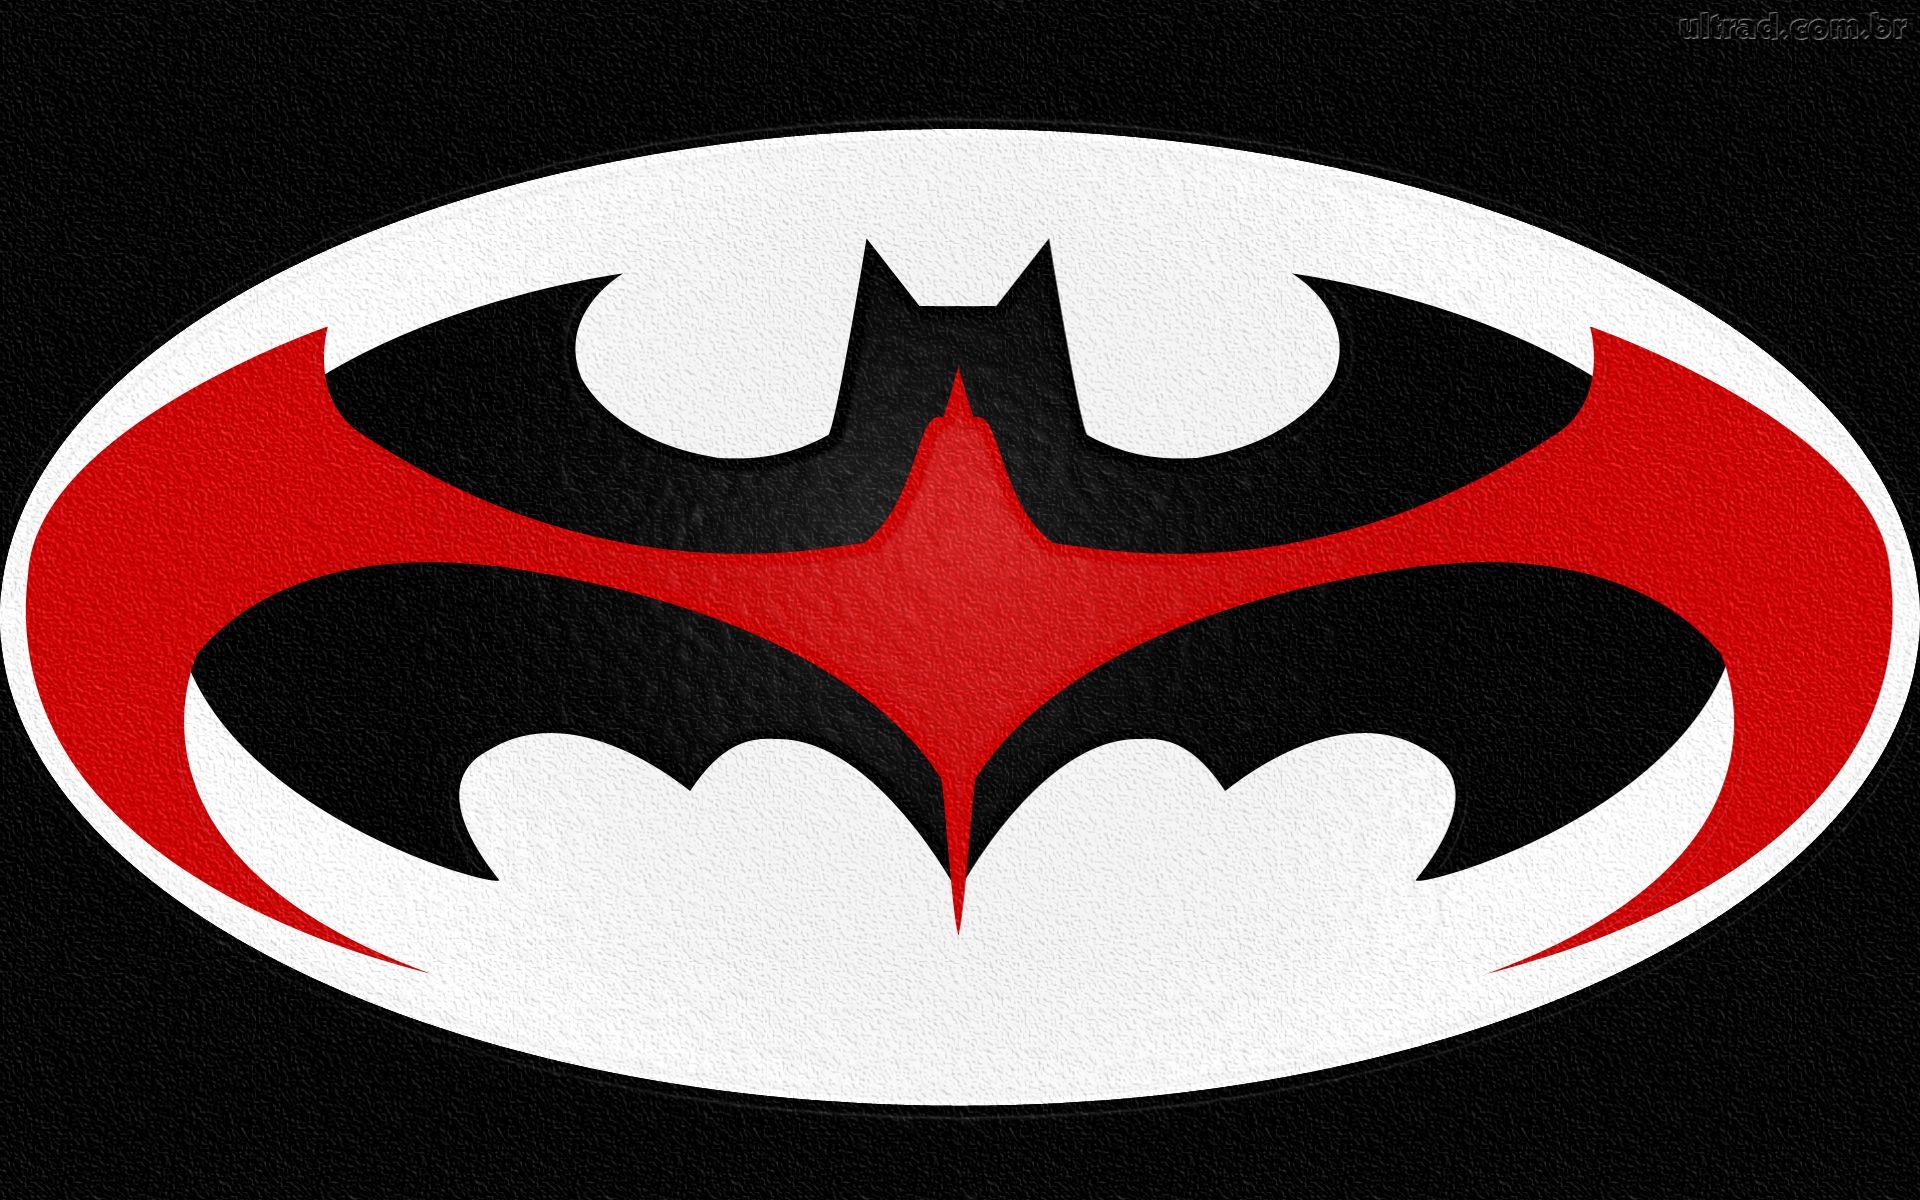 Simbolo Batman - ClipArt Best